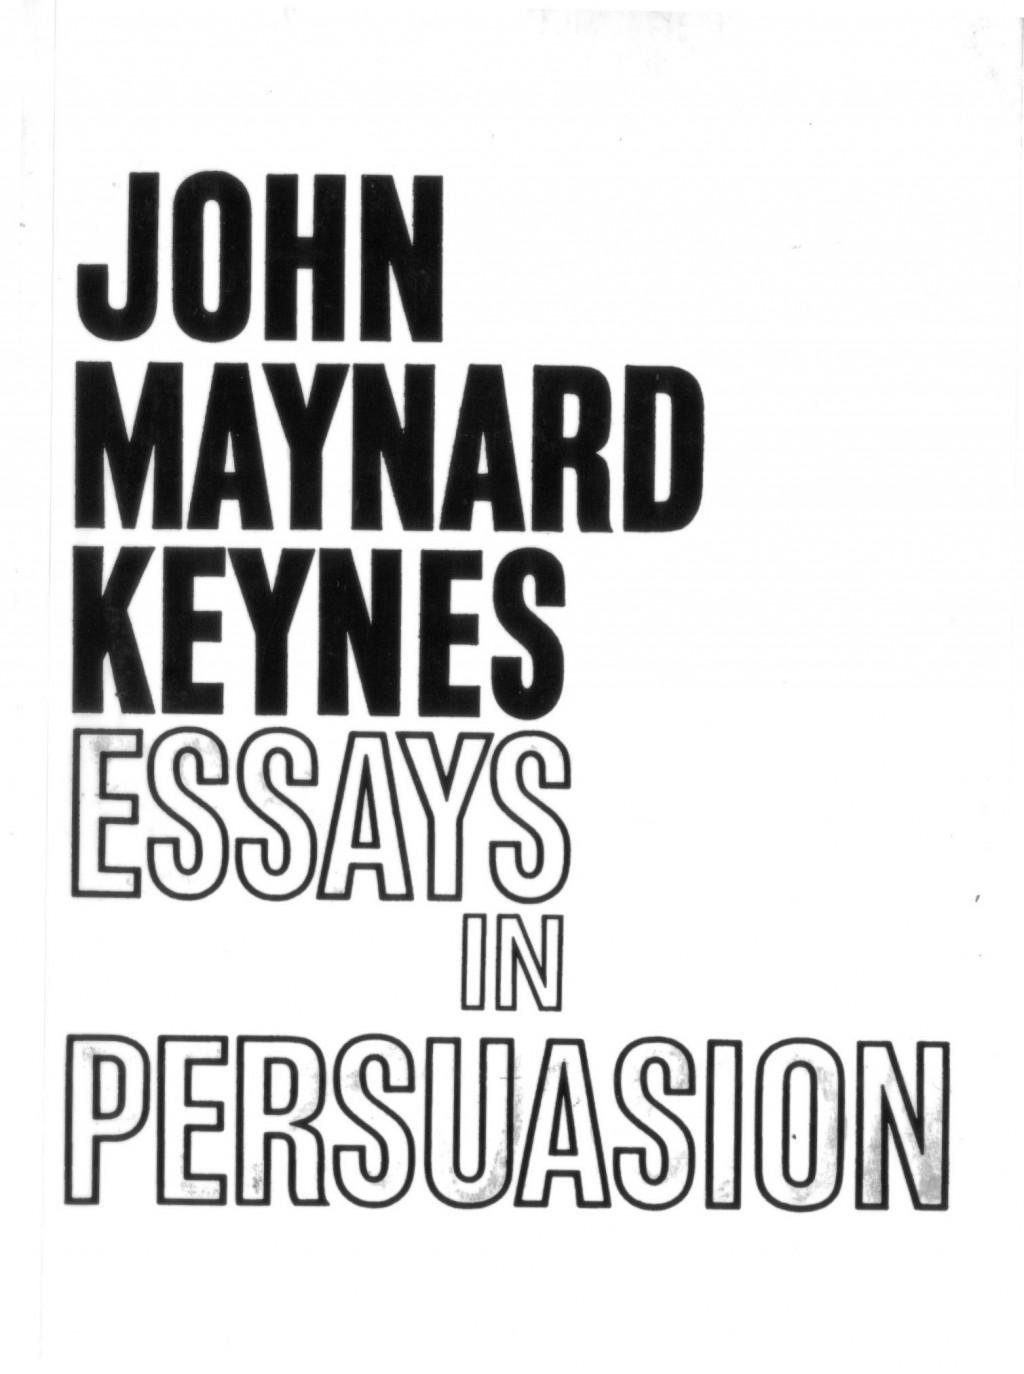 004 Essays In Persuasion Essay Remarkable Audiobook Pdf John Maynard Keynes Summary Large